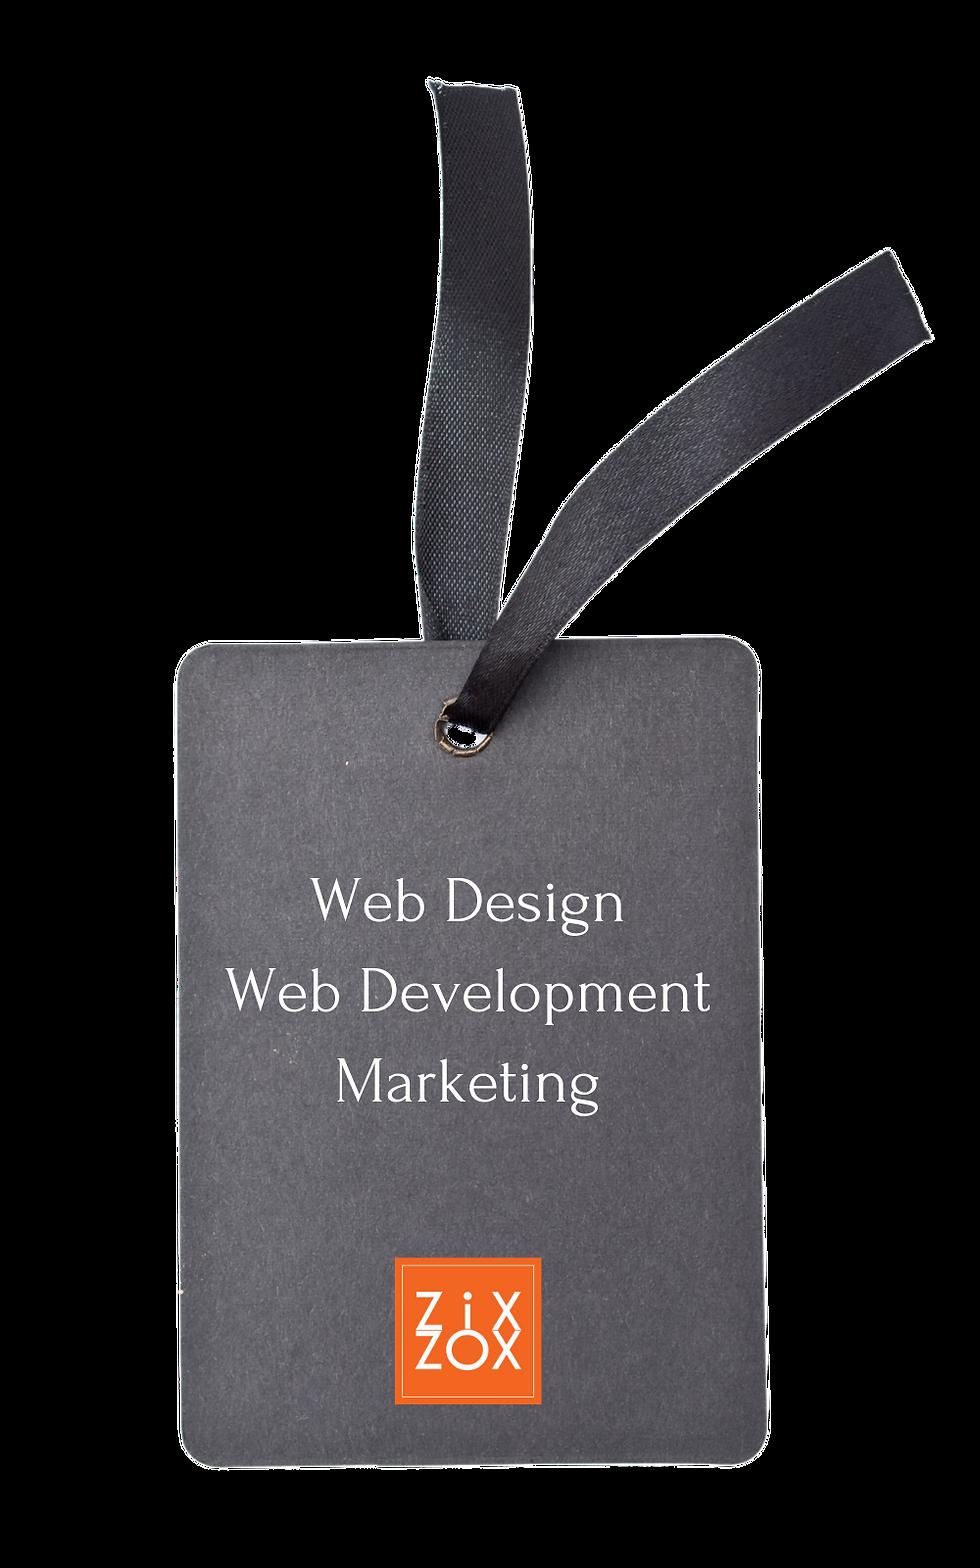 Web developmet, marketing agency